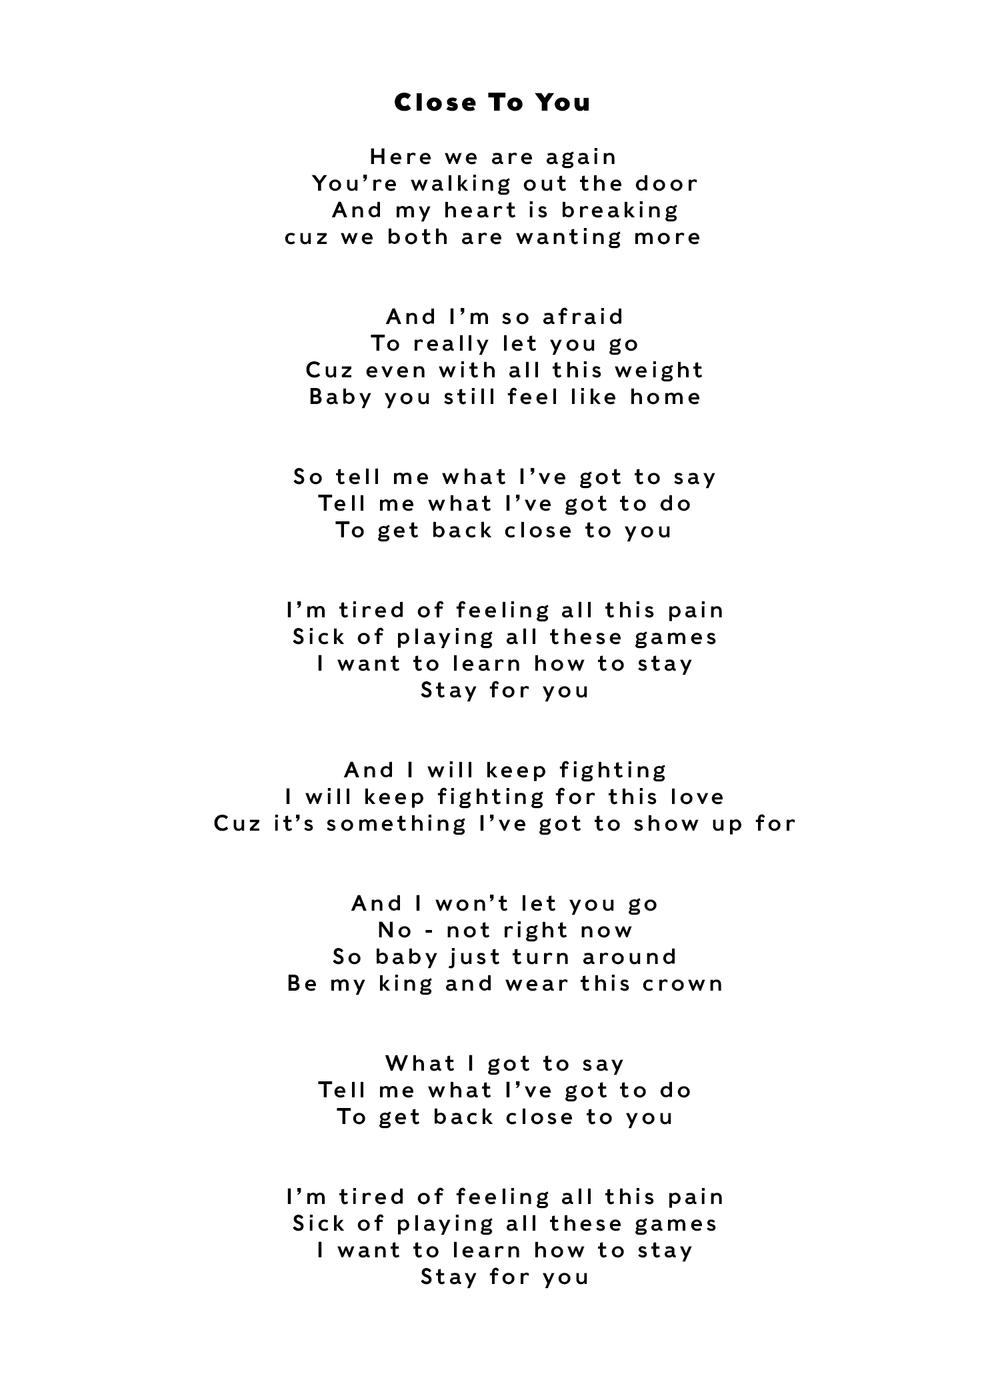 Close To You Lyrics.png